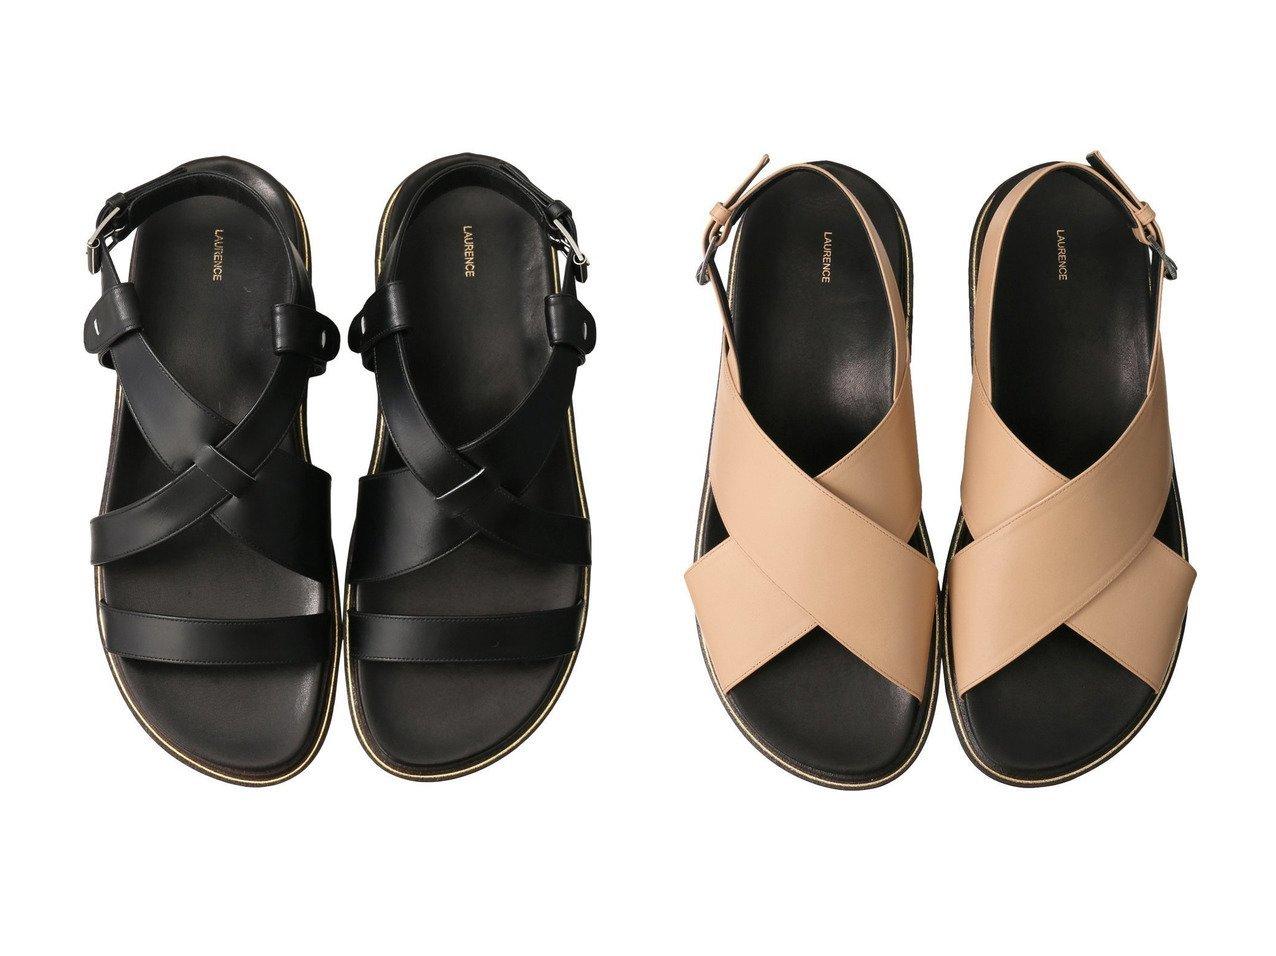 【LAURENCE/ロランス】のフットベッドアテネサンダル&フットベッドクロスサンダル 【シューズ・靴】おすすめ!人気、トレンド・レディースファッションの通販 おすすめで人気の流行・トレンド、ファッションの通販商品 メンズファッション・キッズファッション・インテリア・家具・レディースファッション・服の通販 founy(ファニー) https://founy.com/ ファッション Fashion レディースファッション WOMEN 2021年 2021 2021春夏・S/S SS/Spring/Summer/2021 S/S・春夏 SS・Spring/Summer クッション サンダル シンプル ベーシック 春 Spring  ID:crp329100000028378